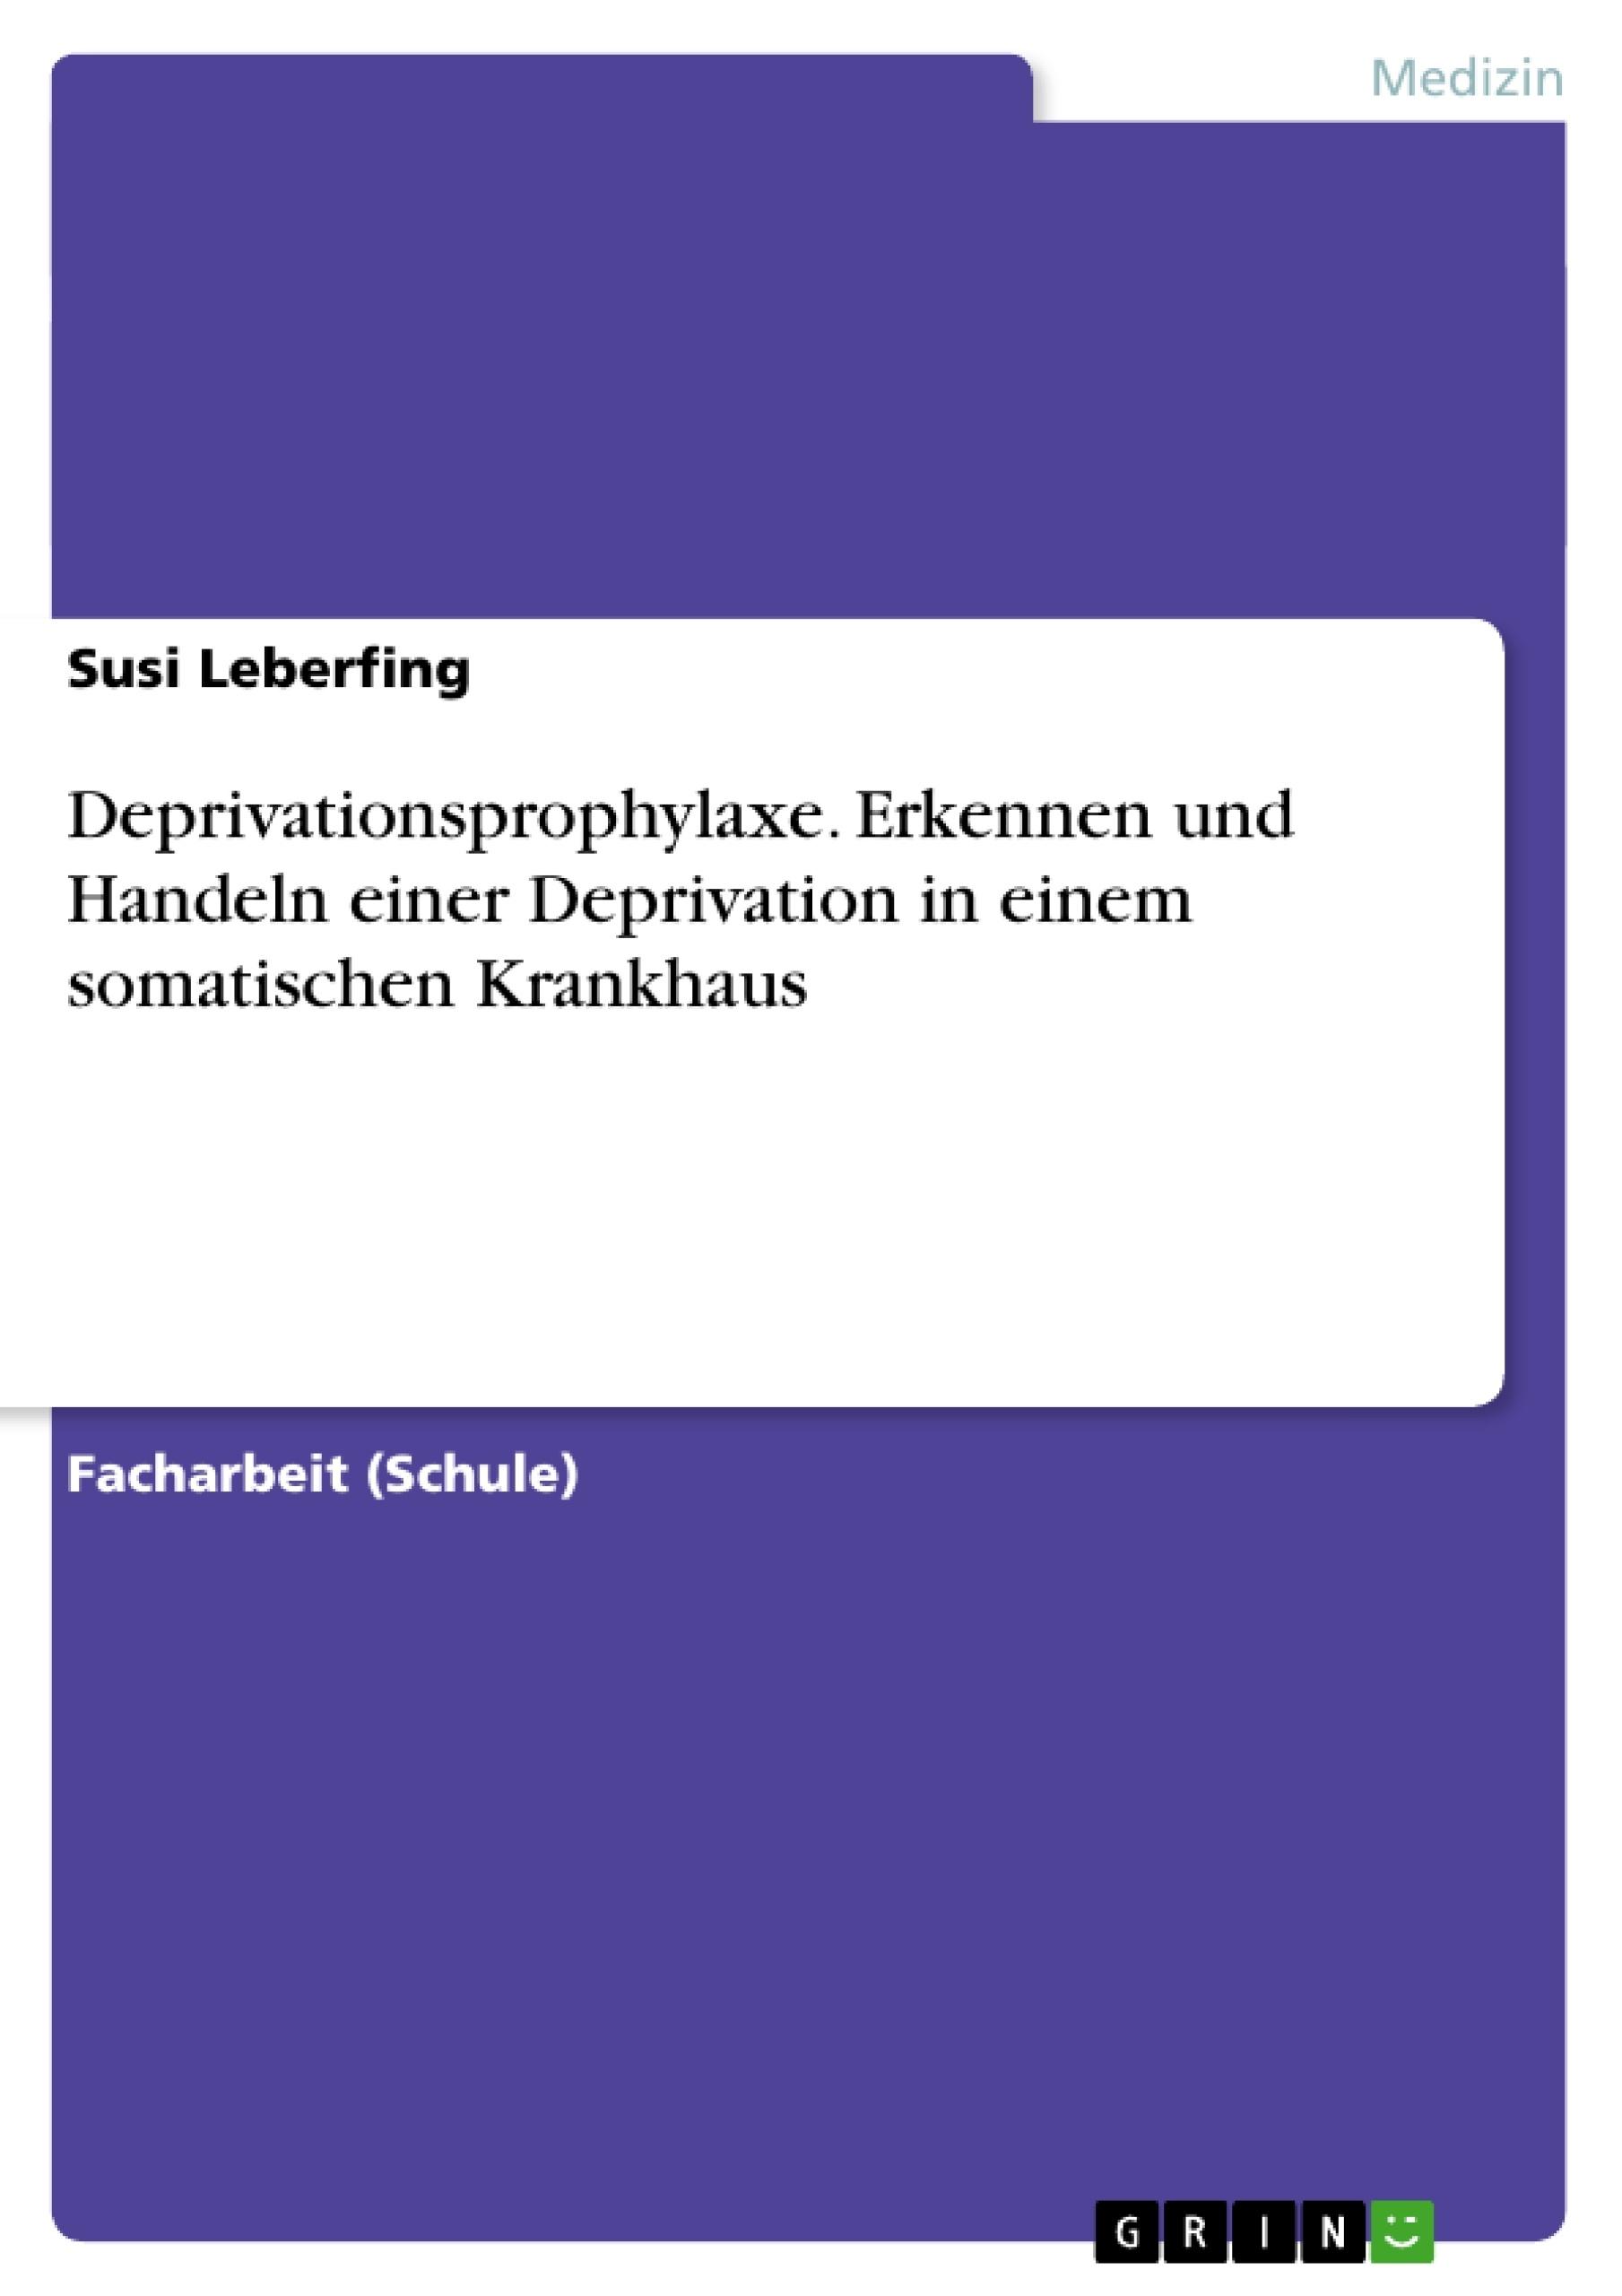 Titel: Deprivationsprophylaxe. Erkennen und Handeln einer Deprivation in einem somatischen Krankhaus